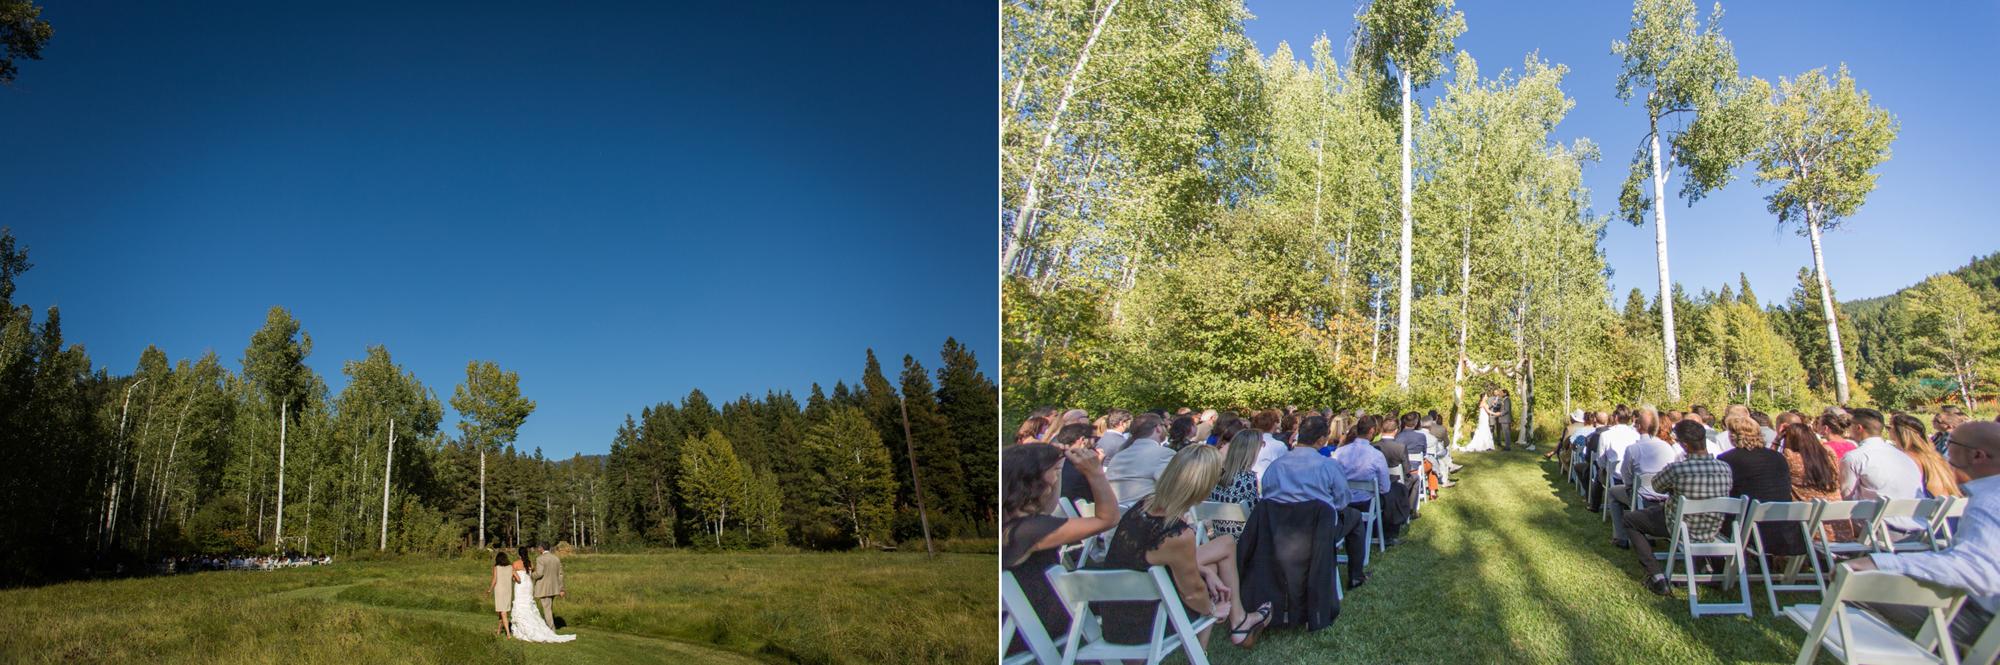 ashley vos photography seattle tacoma area wedding photographer_0819.jpg